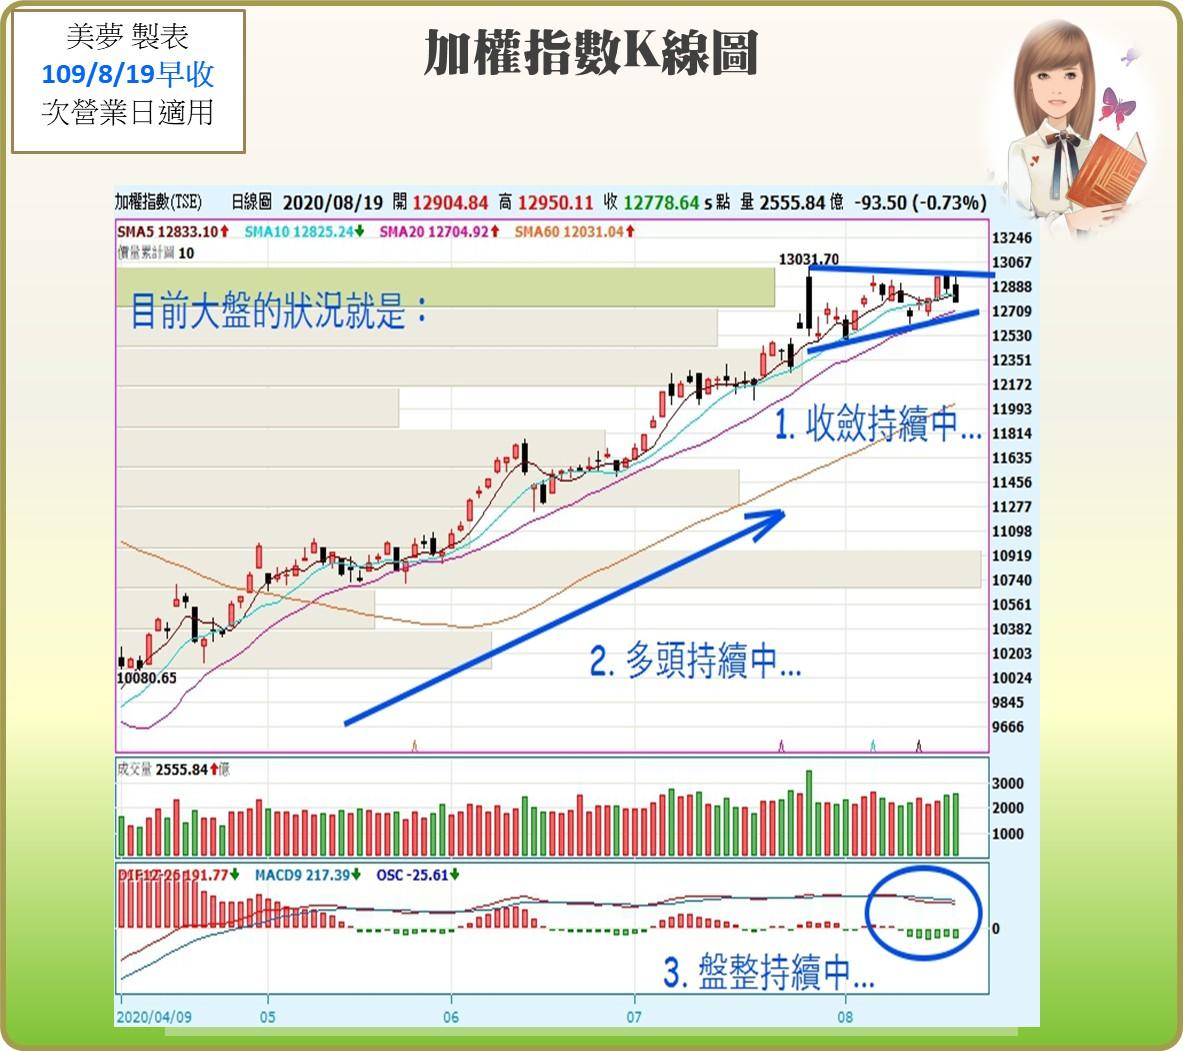 1090820 美夢冠軍股/期/權資訊分享+A50沖沖樂